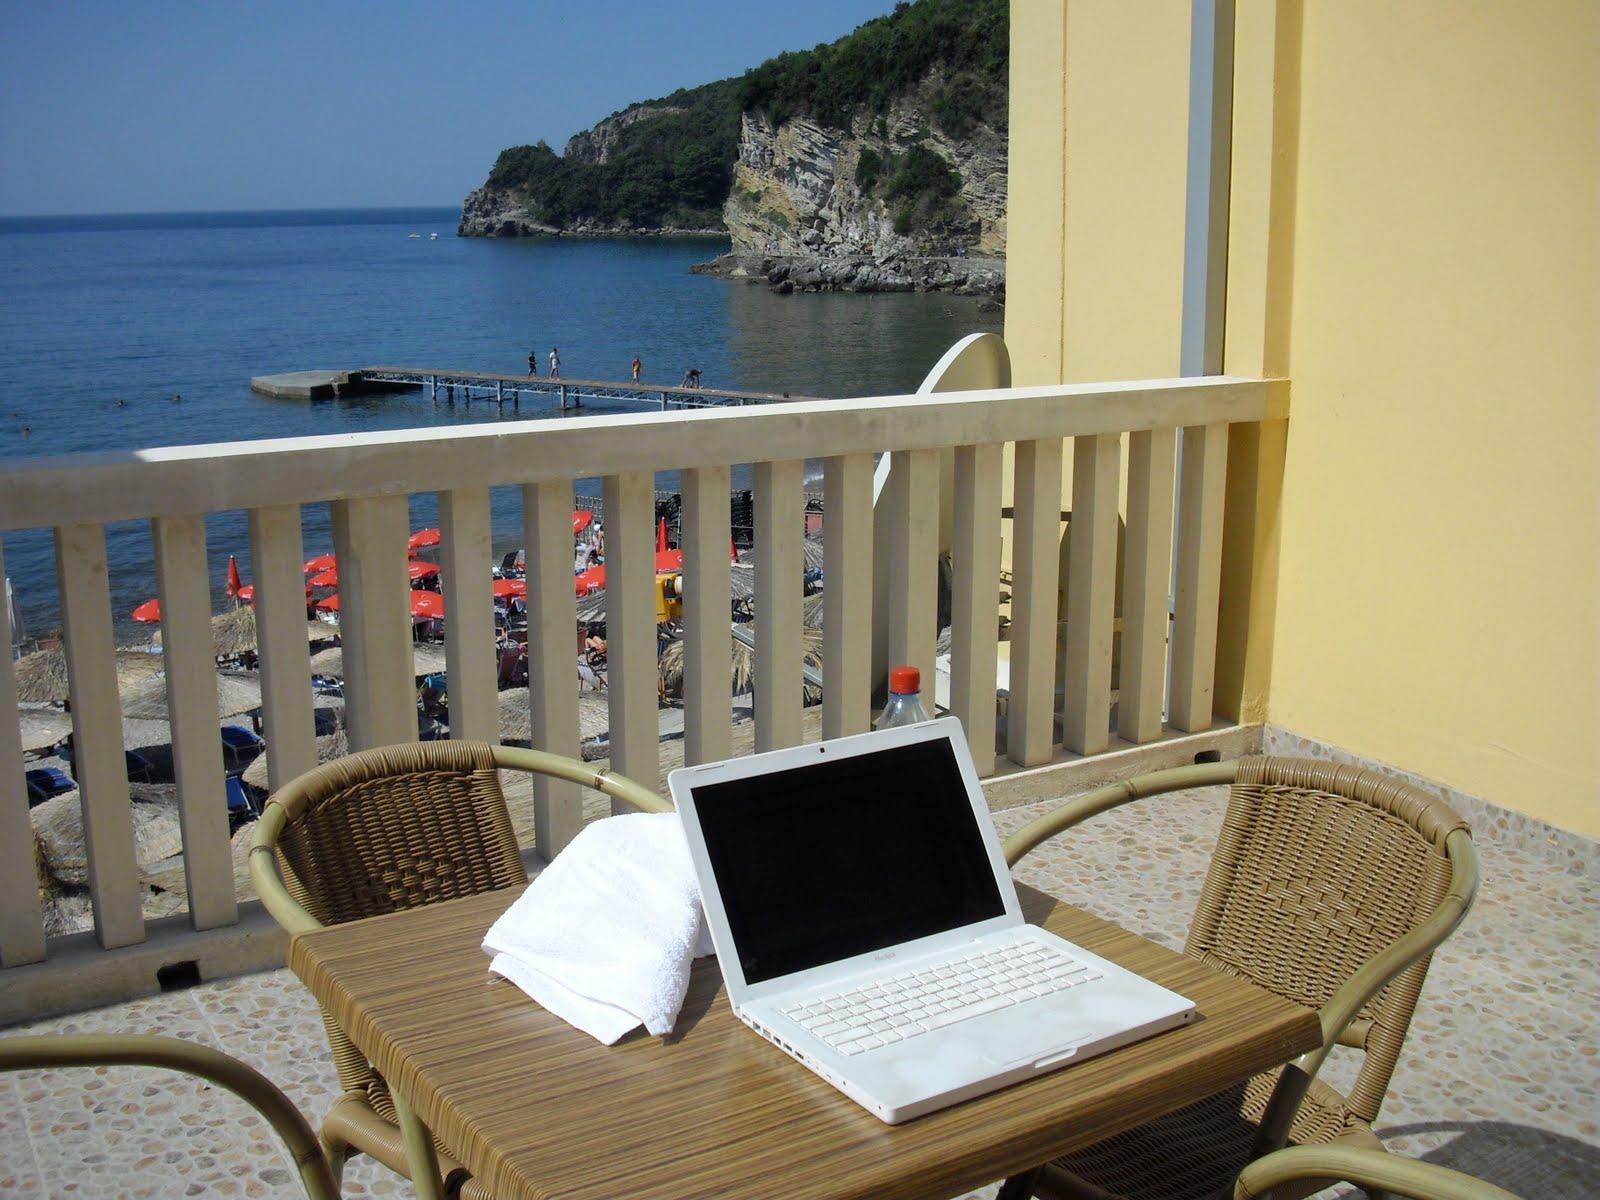 http://2.bp.blogspot.com/_WeSLm4LLLew/TGQVb8EgZKI/AAAAAAAAACA/64kdac4P3fQ/s1600/Montenegro+Patio.jpg